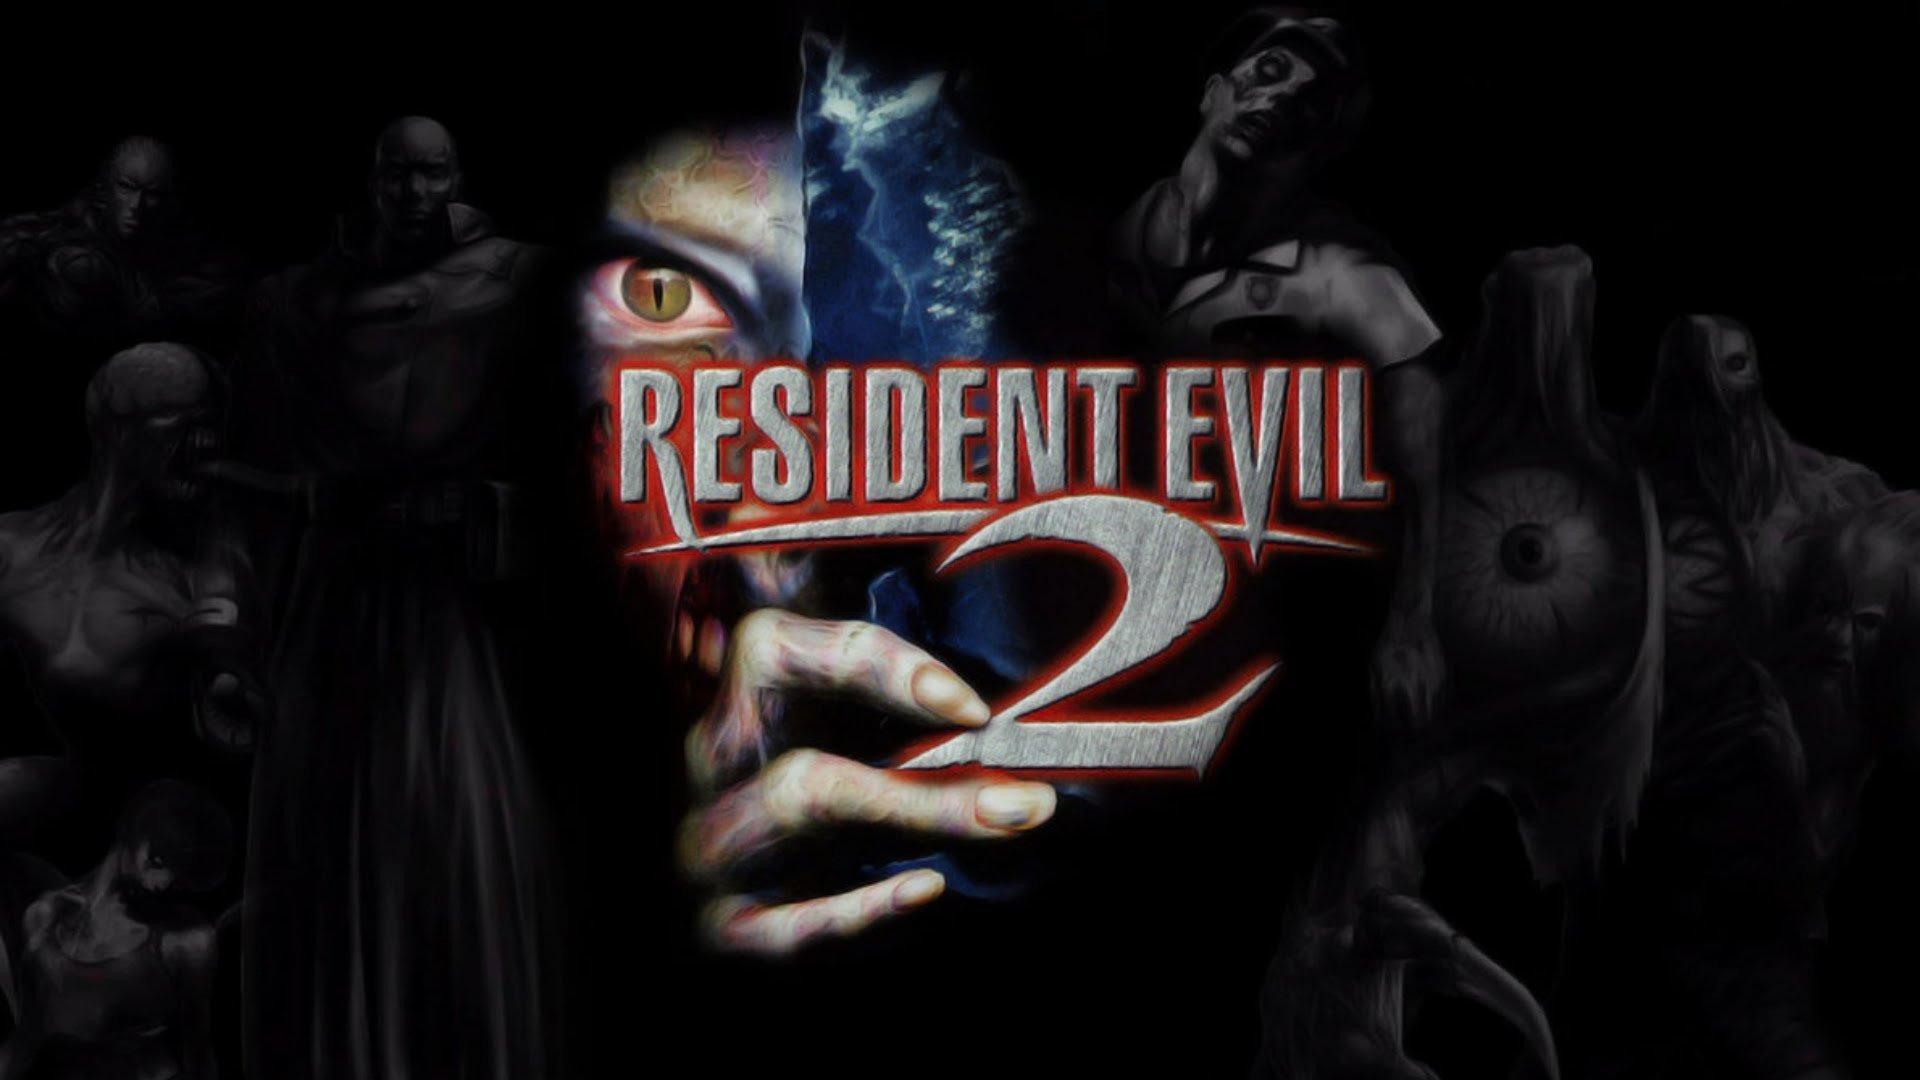 resident evil 2 wallpaper 1080p